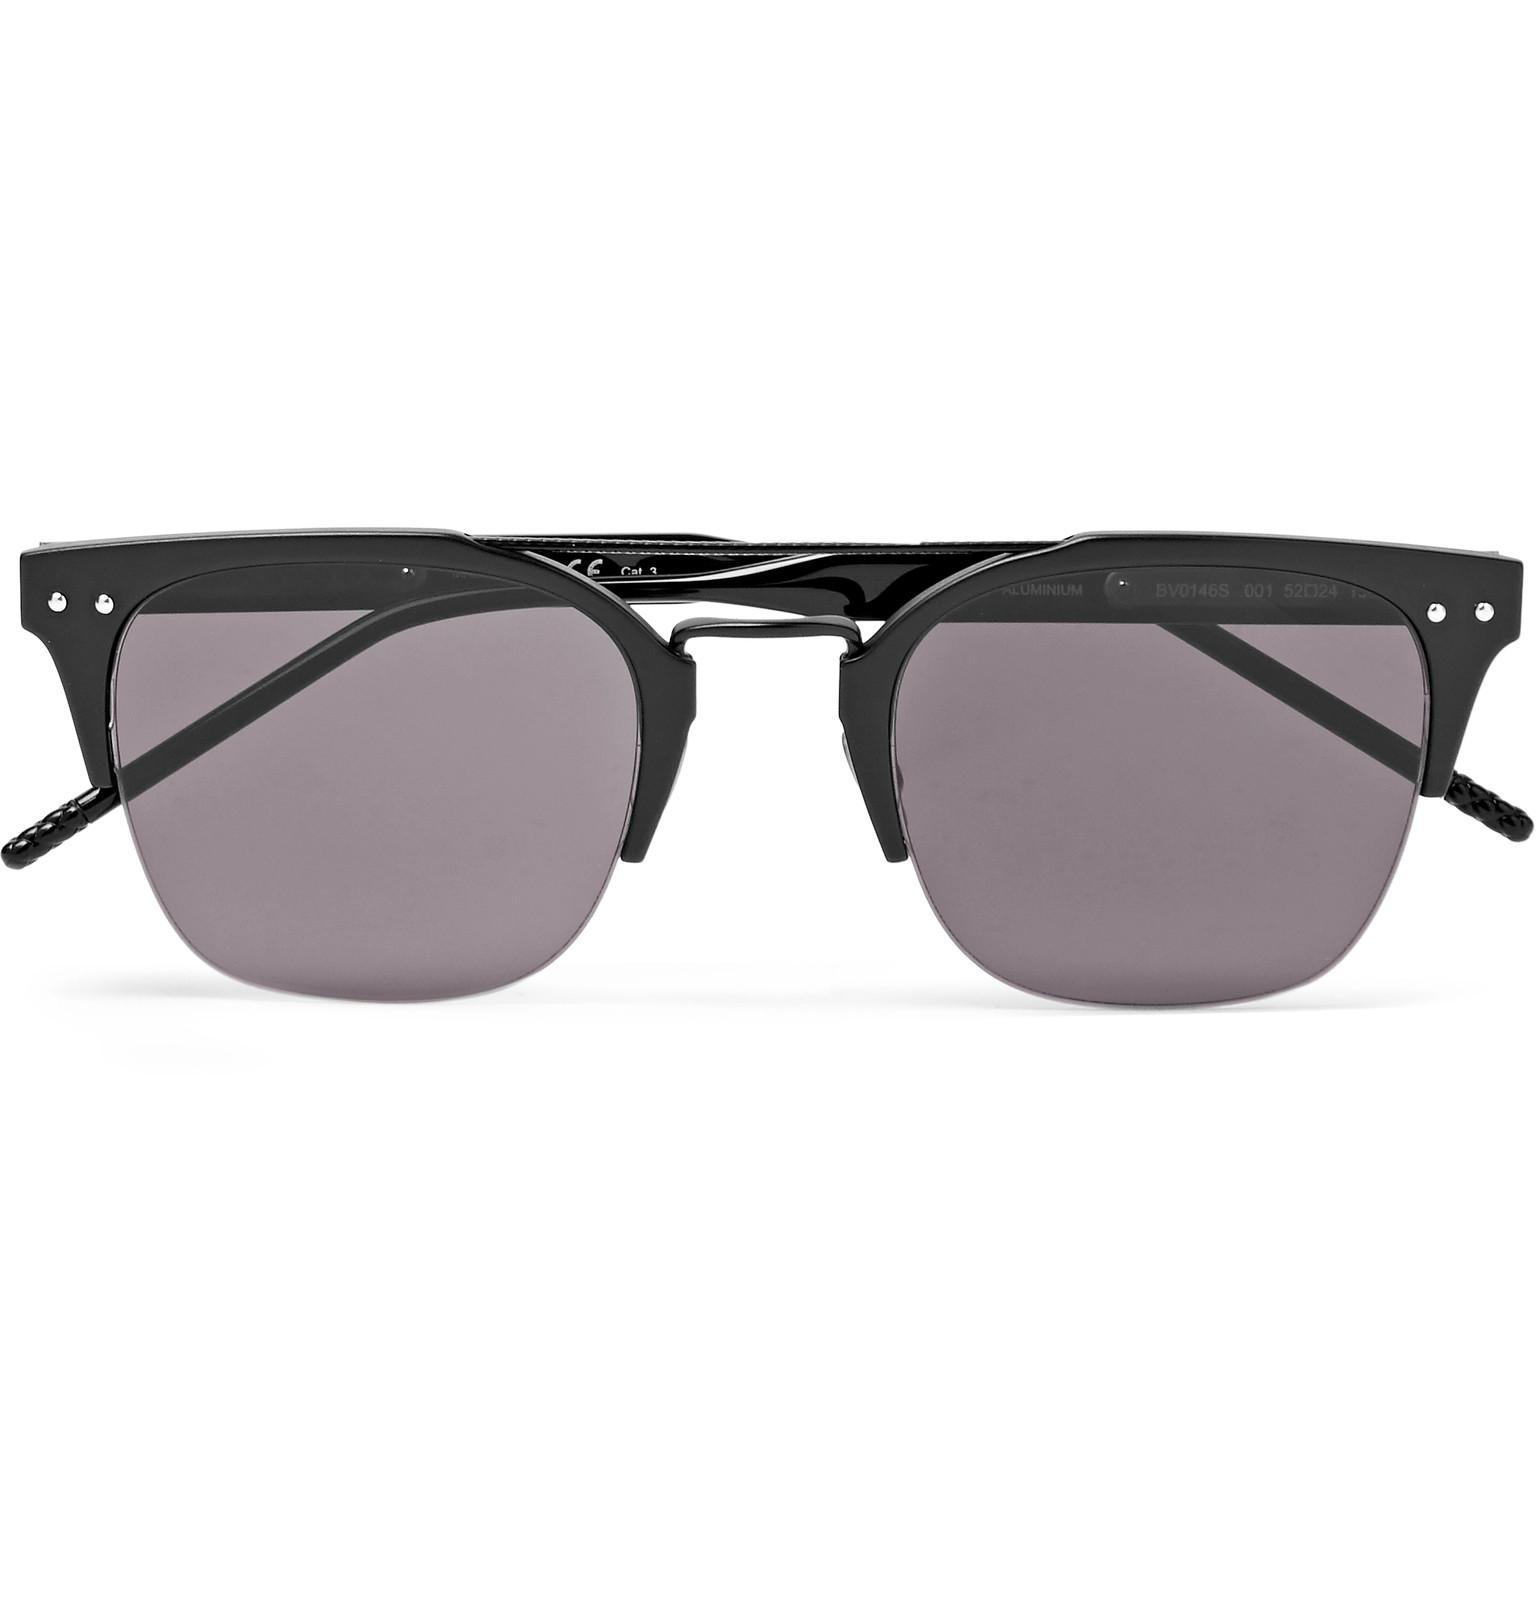 Round-frame Coated-aluminium And Acetate Sunglasses Bottega Veneta lpMDuDB8aR